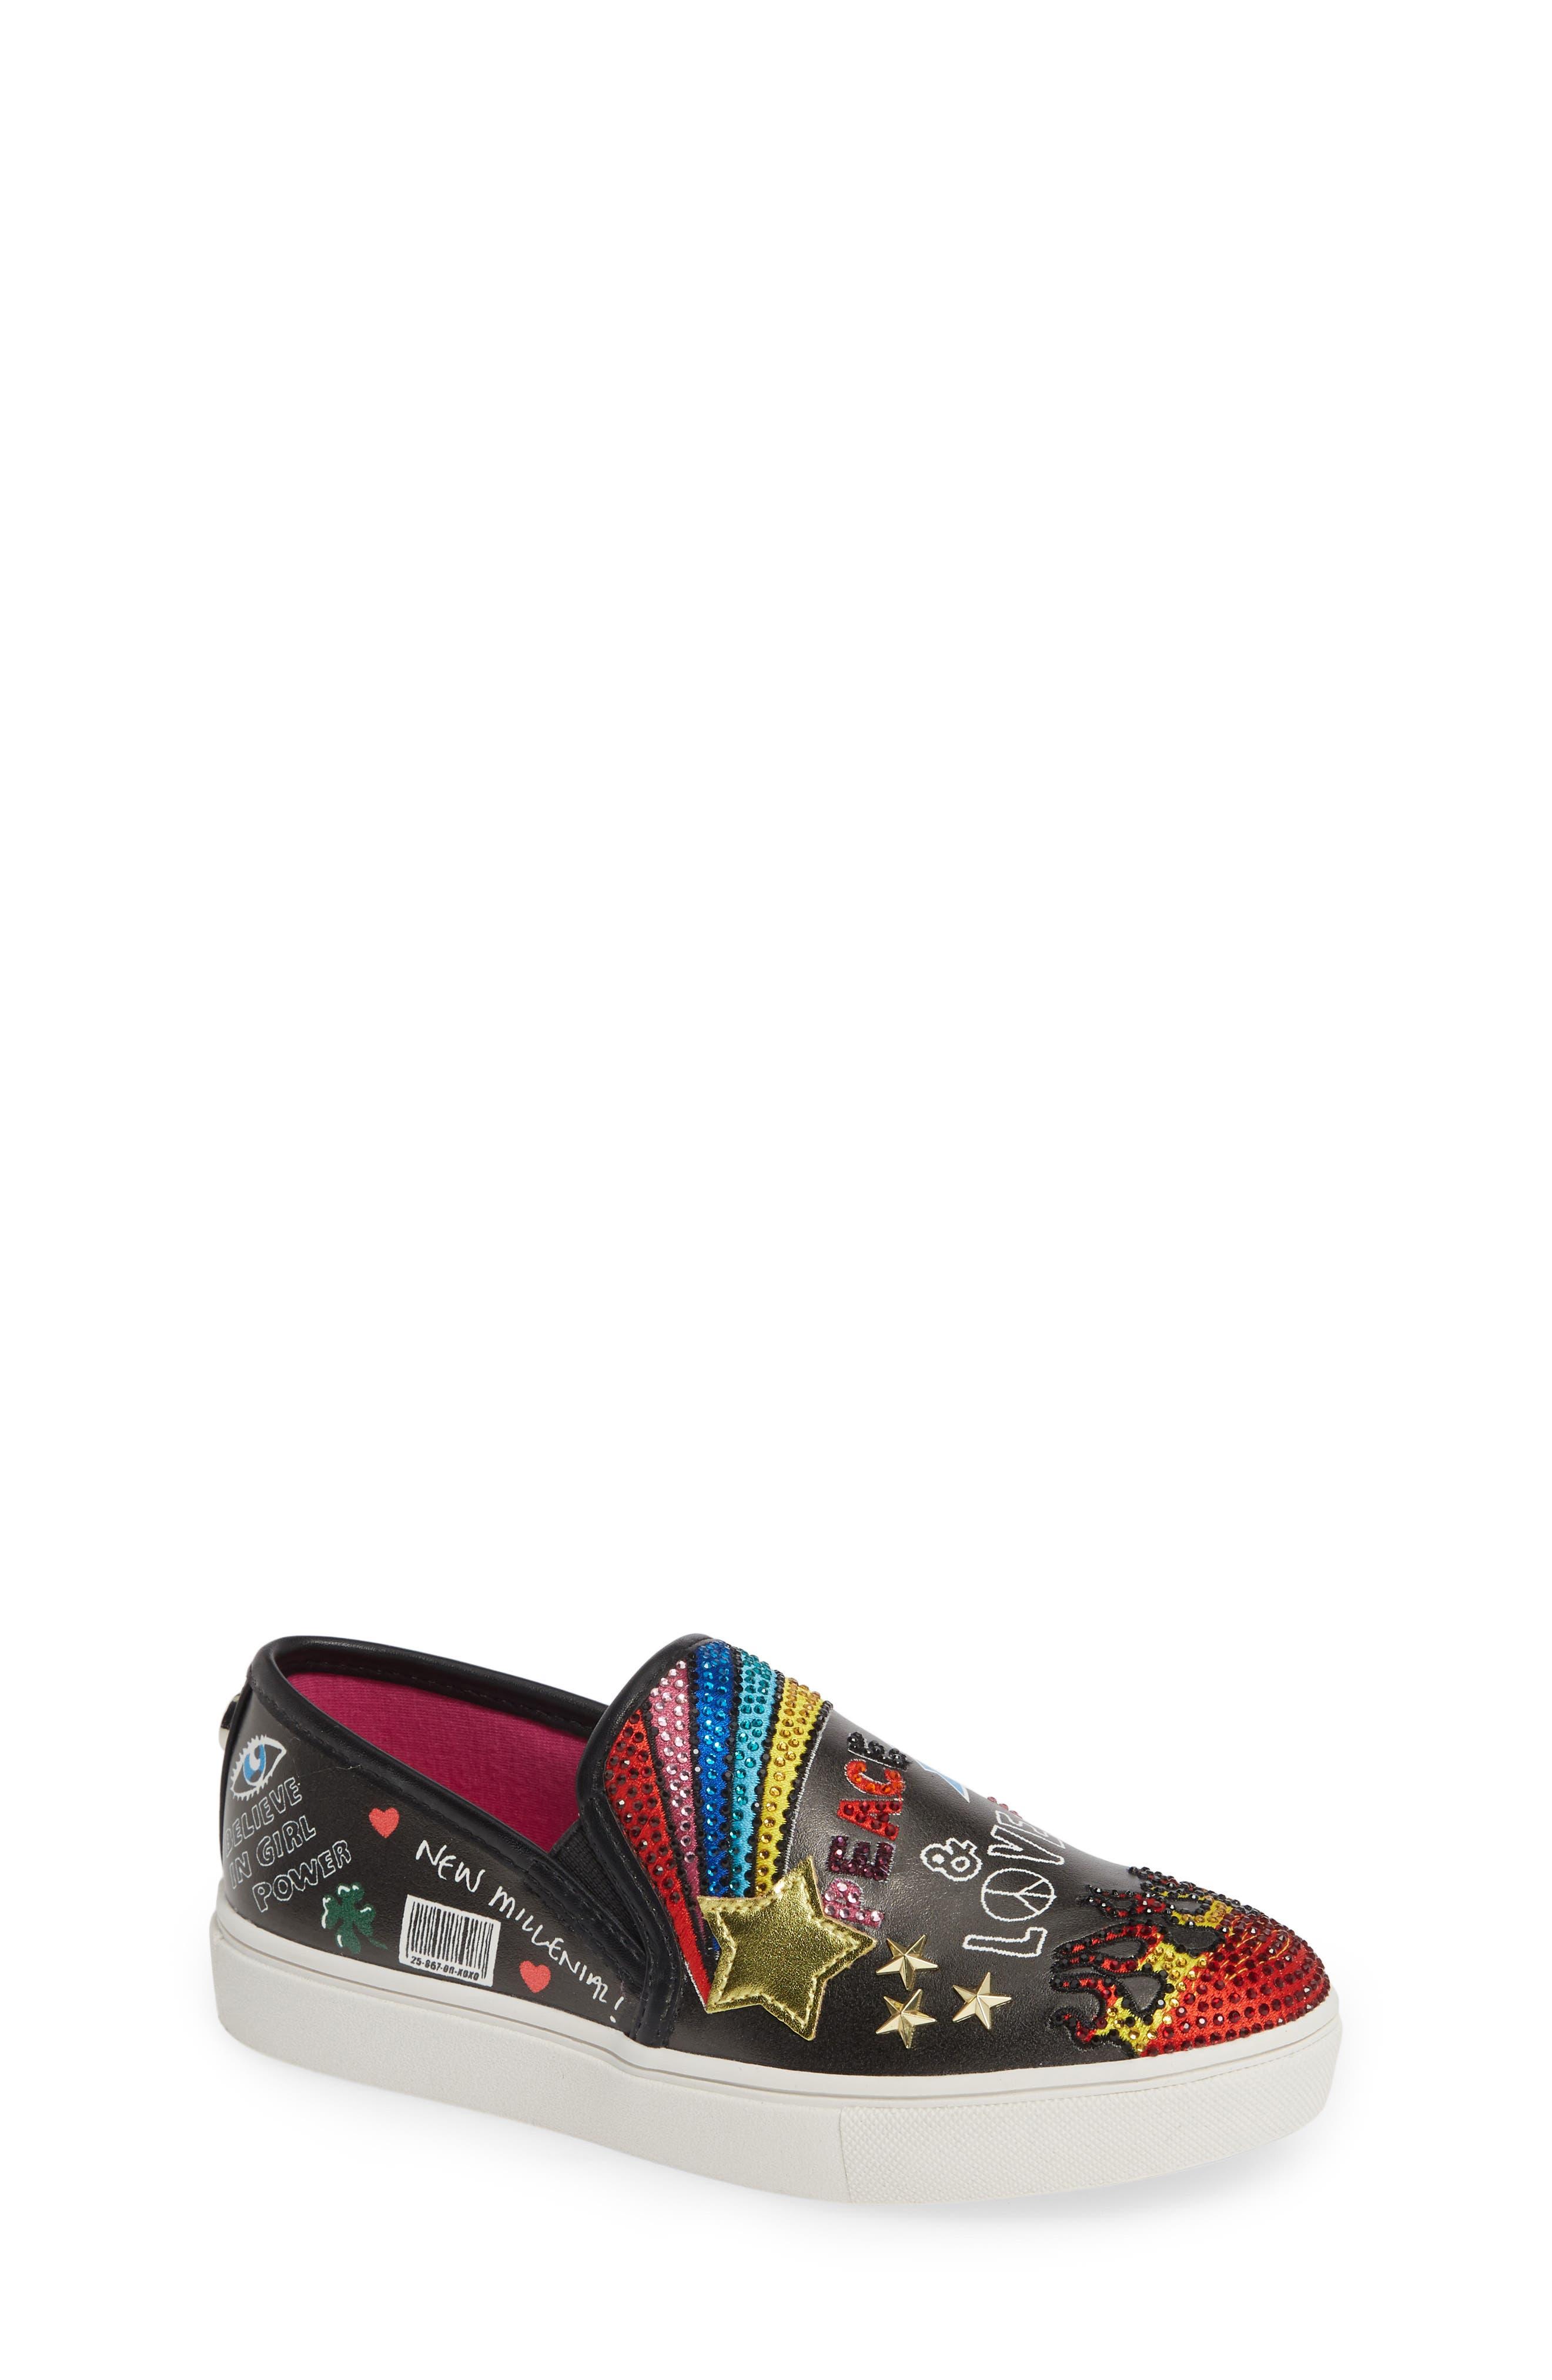 STEVE MADDEN, JPOWRFUL Embellished Slip-On Sneaker, Main thumbnail 1, color, BLACK MULTI